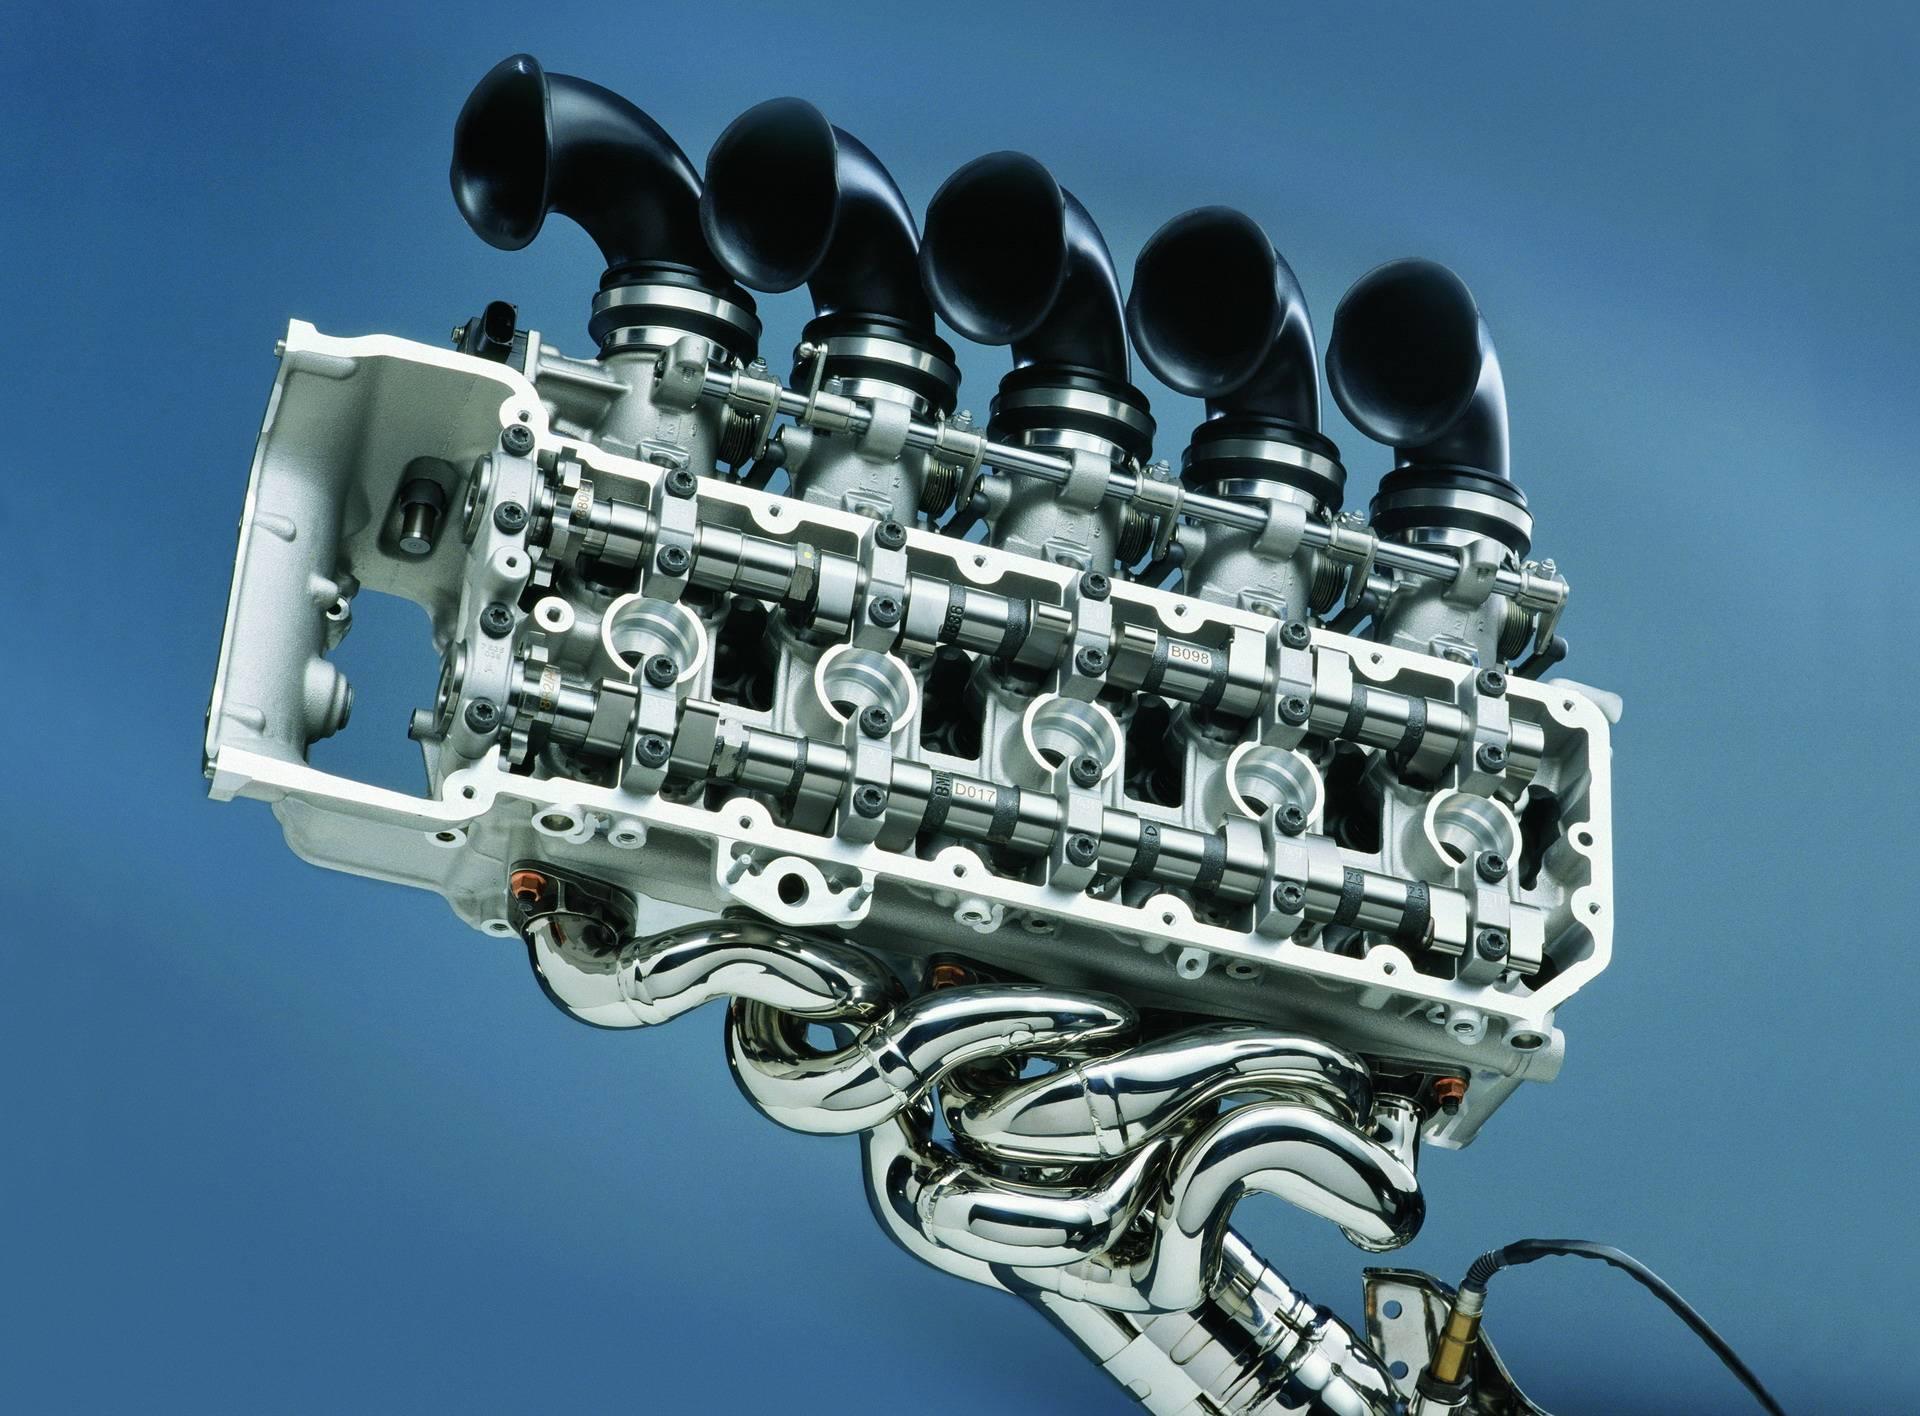 Двигатель BMW S85 V10 - легендарный мотор из Баварии 5